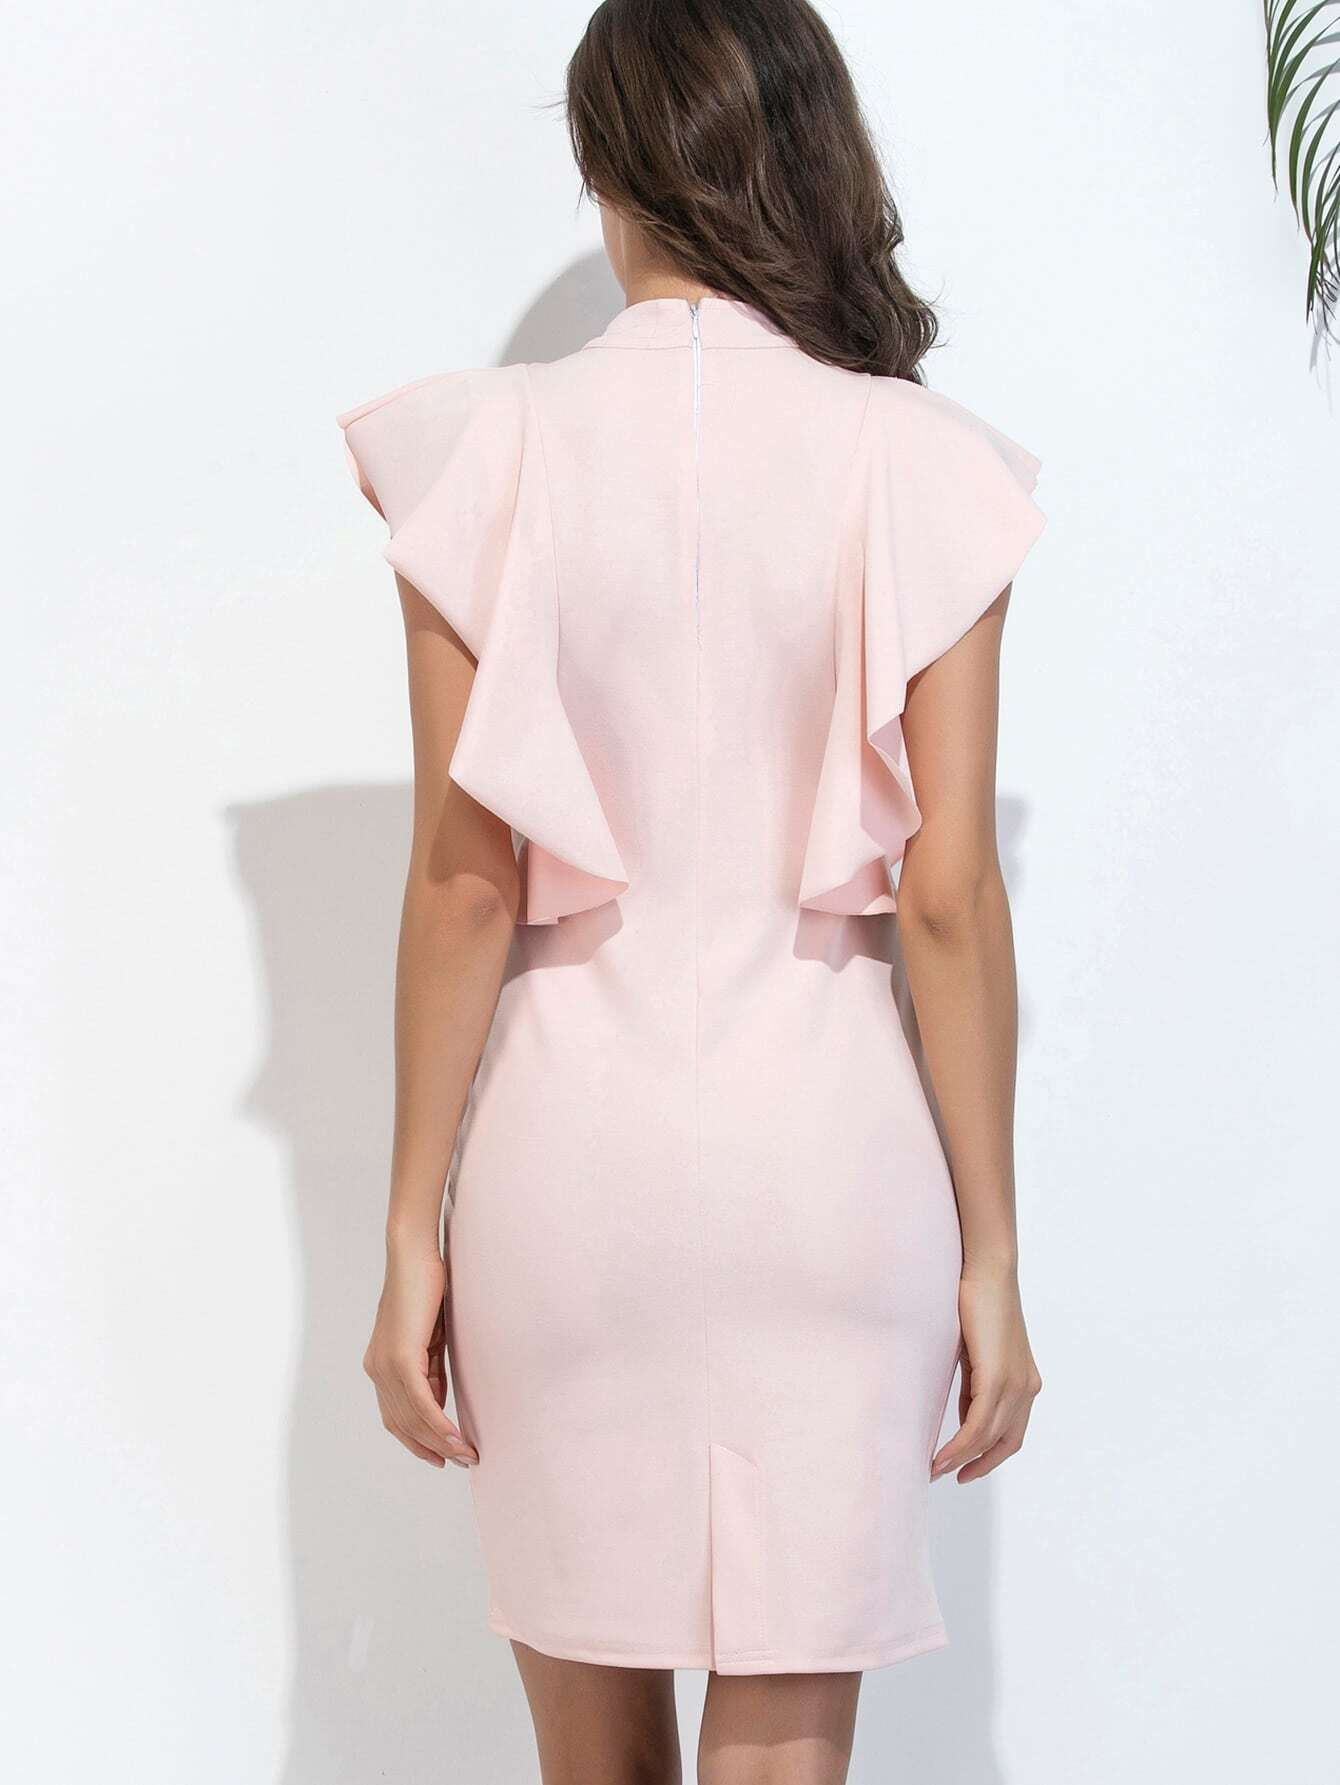 dress170301107_2